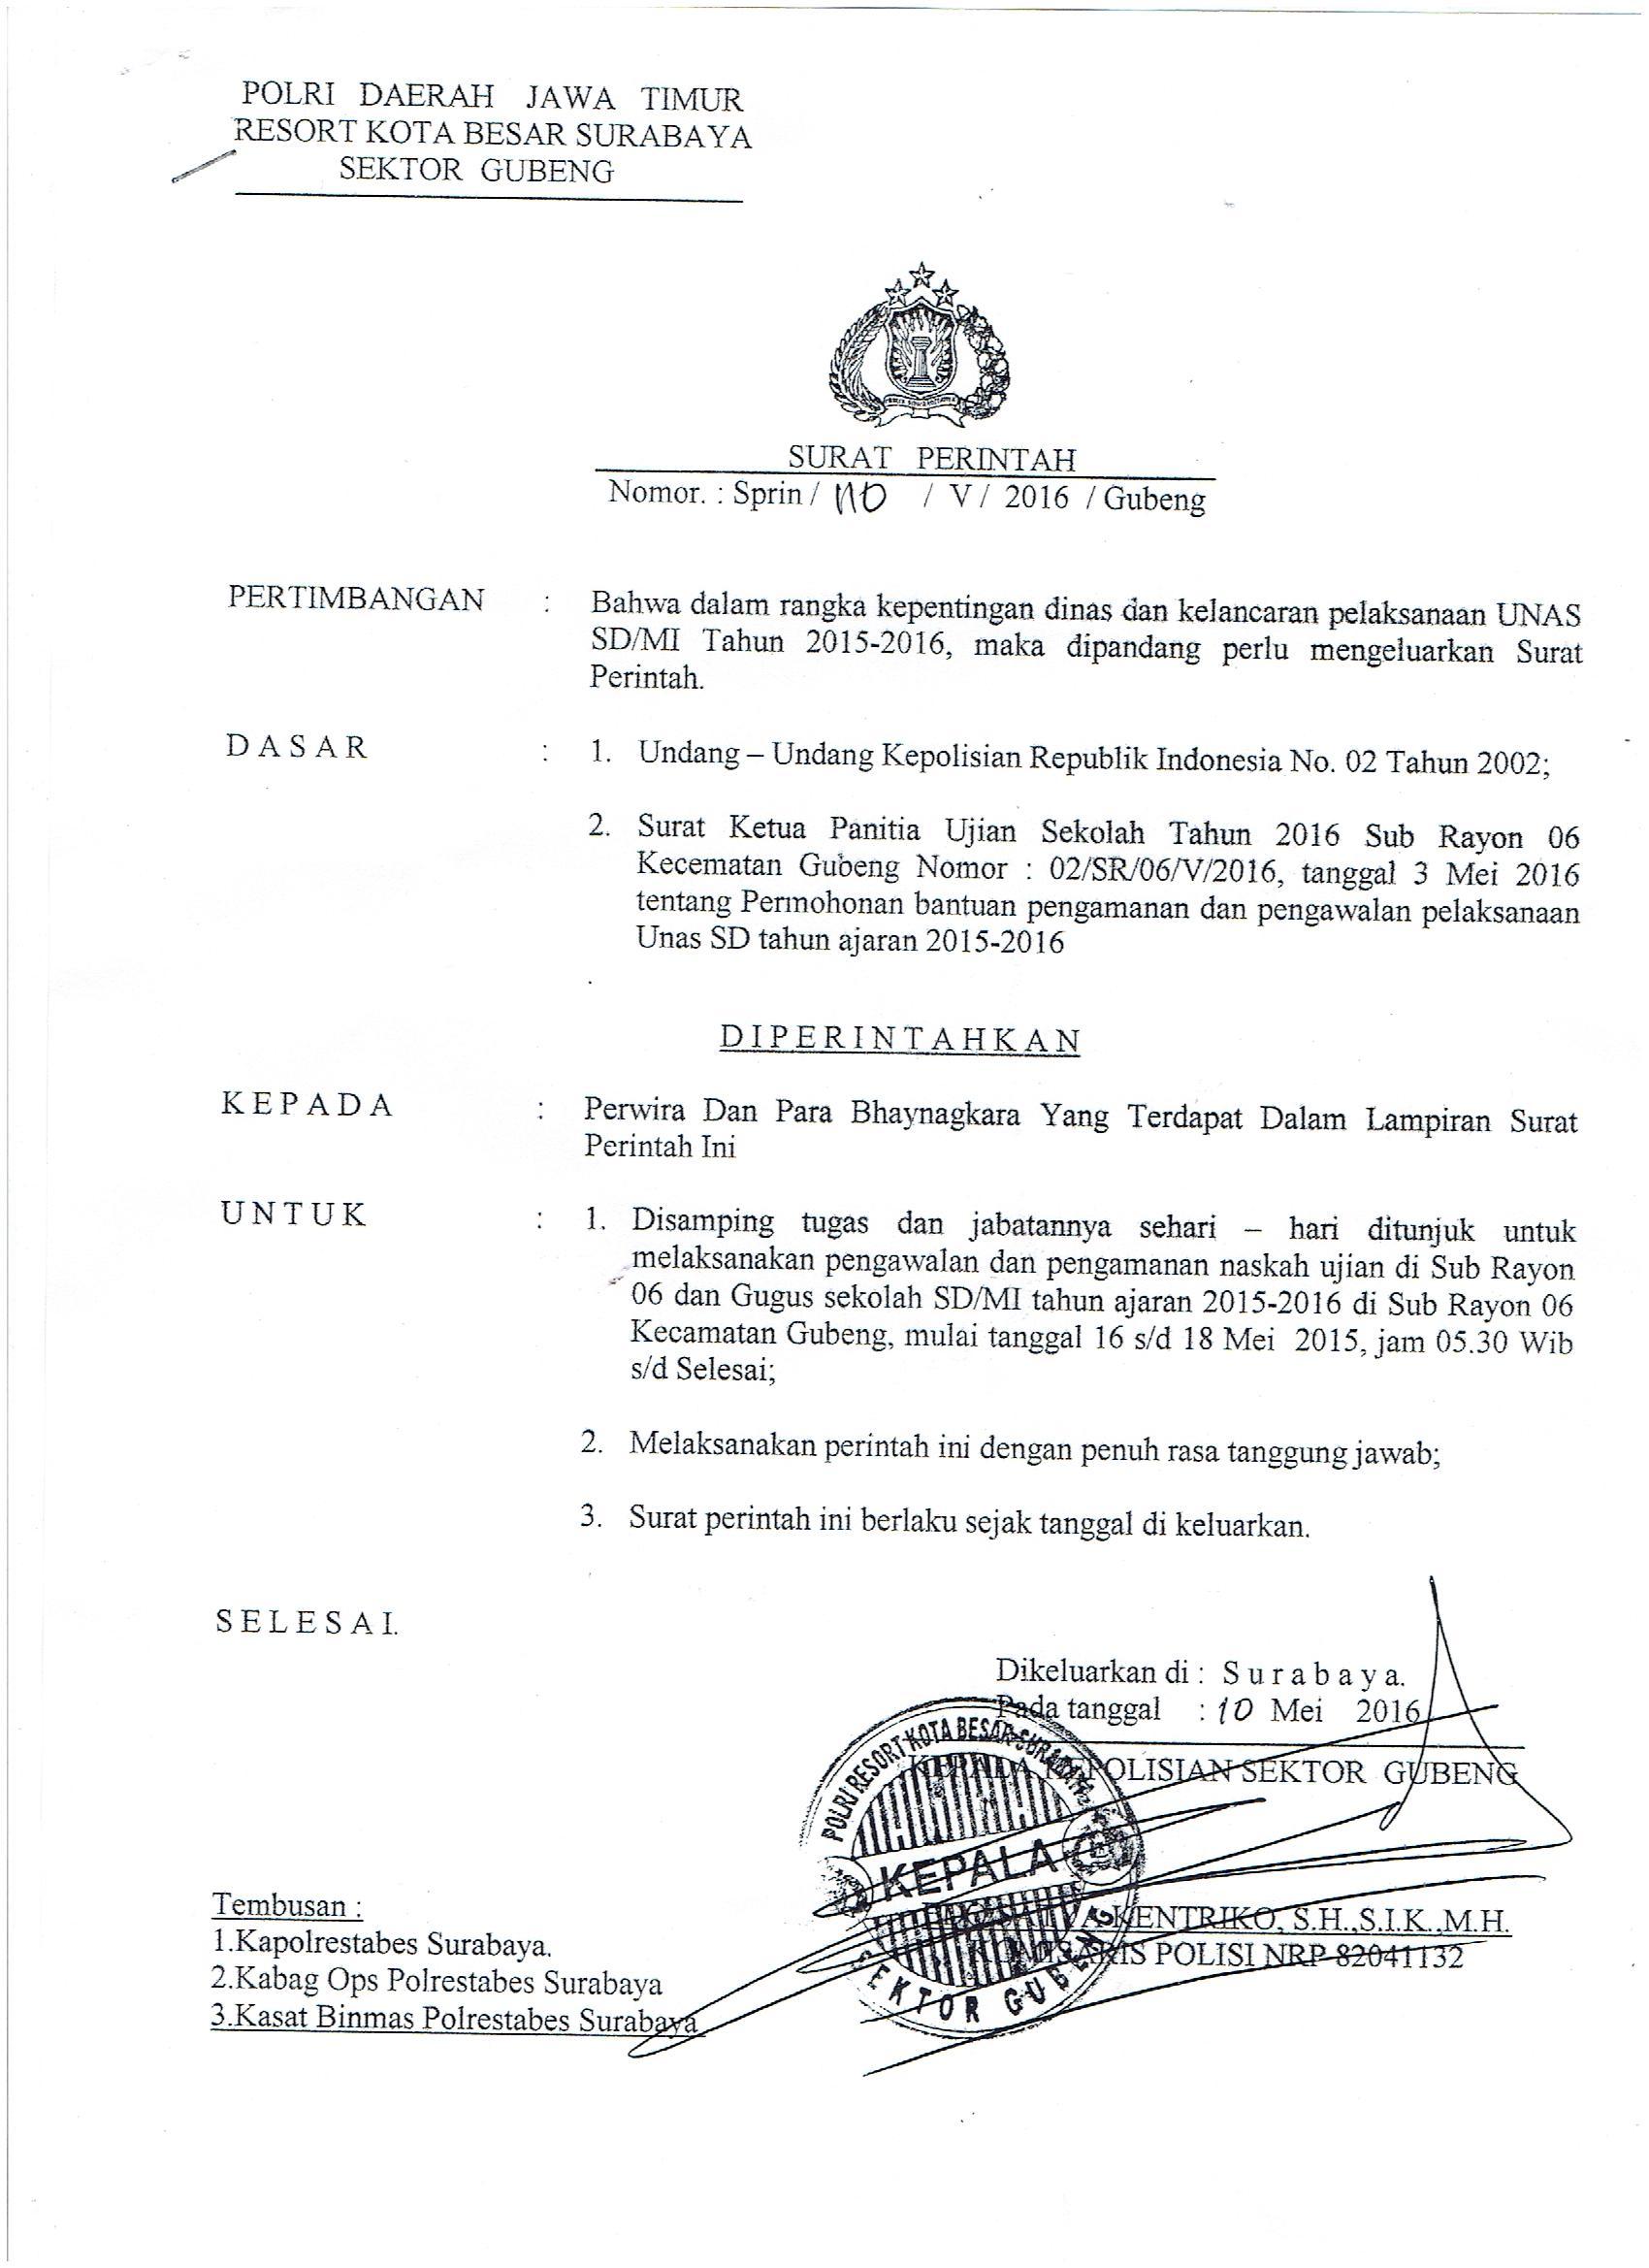 Surat Tugas Dapodik 001 Kelompok Kerja Kepala Sekolah Kecamatan Gubeng